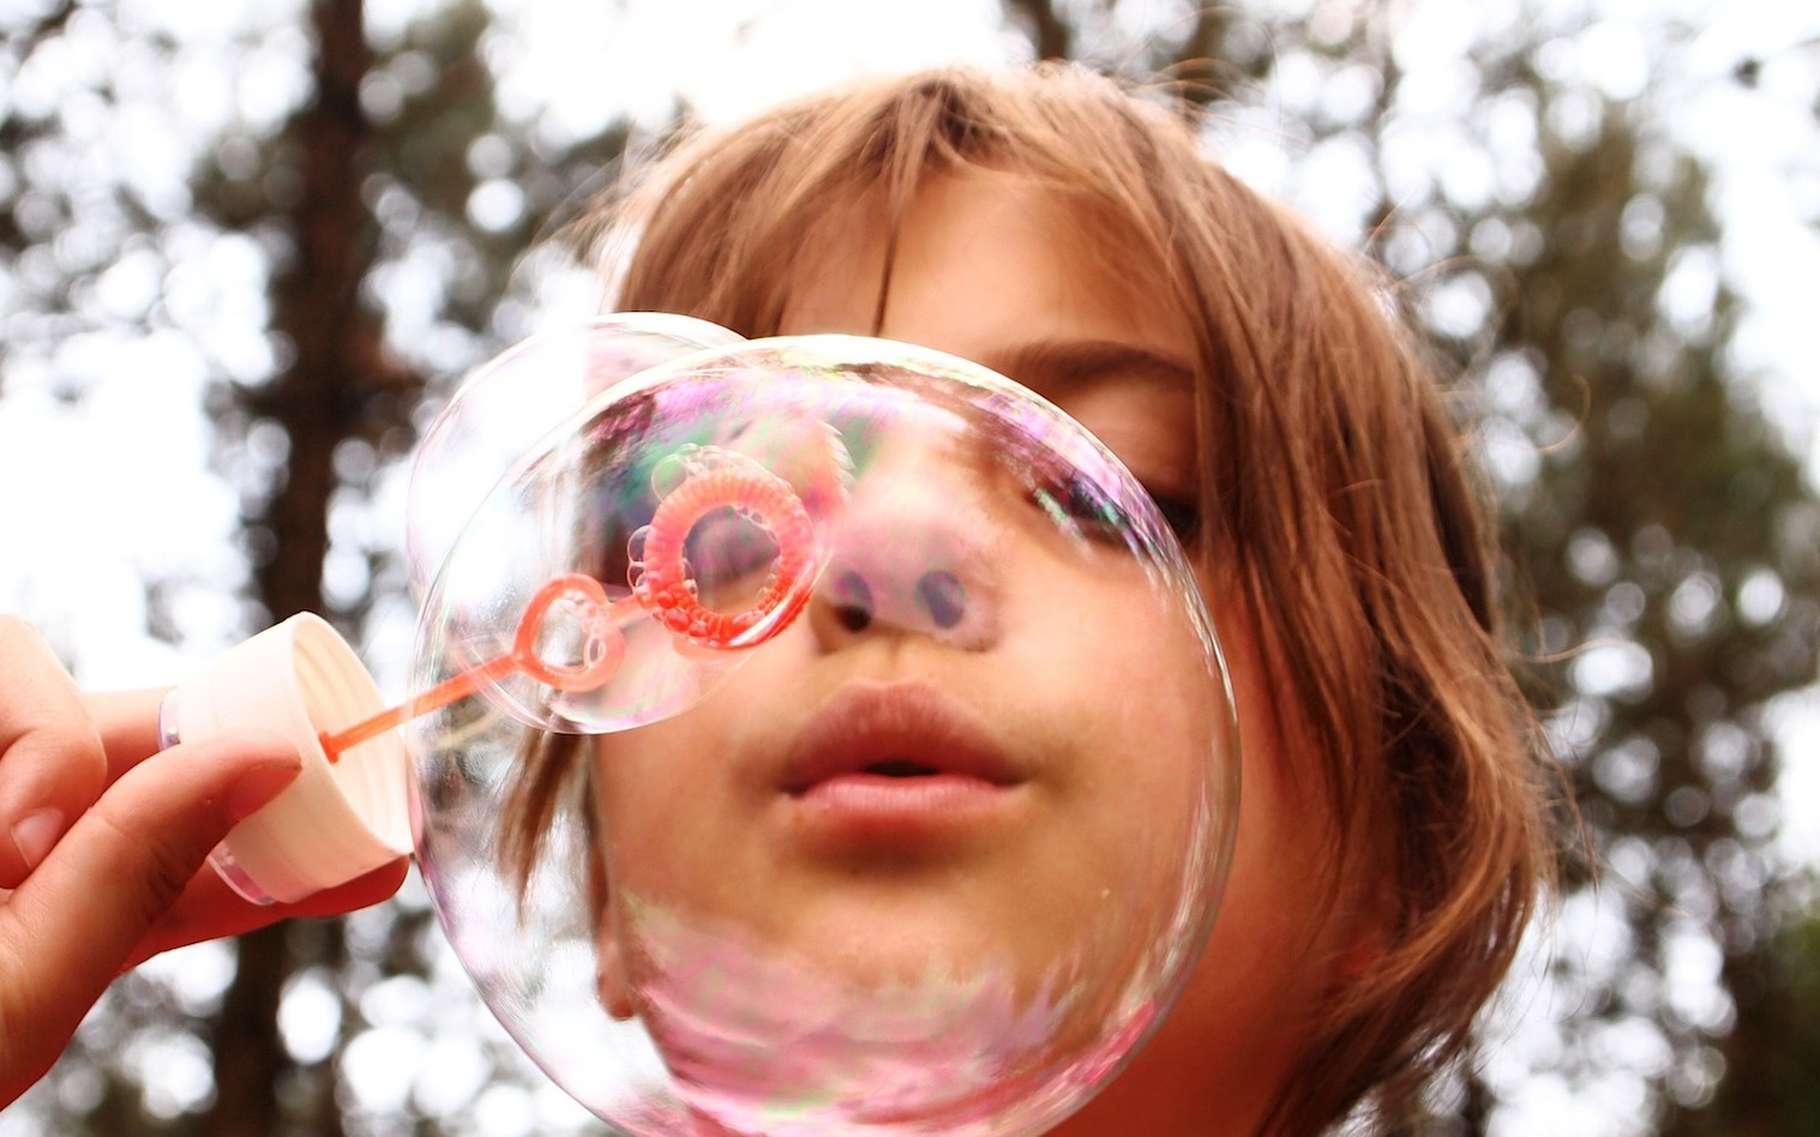 Quand les chercheurs tentent de percer le mystère des bulles de savon, ils aboutissent à des formules étonnantes, donnant la vitesse de vent nécessaire à souffler une belle bulle en fonction de la taille de la baguette. © Riala, Pixabay, CC0 Creative Commons